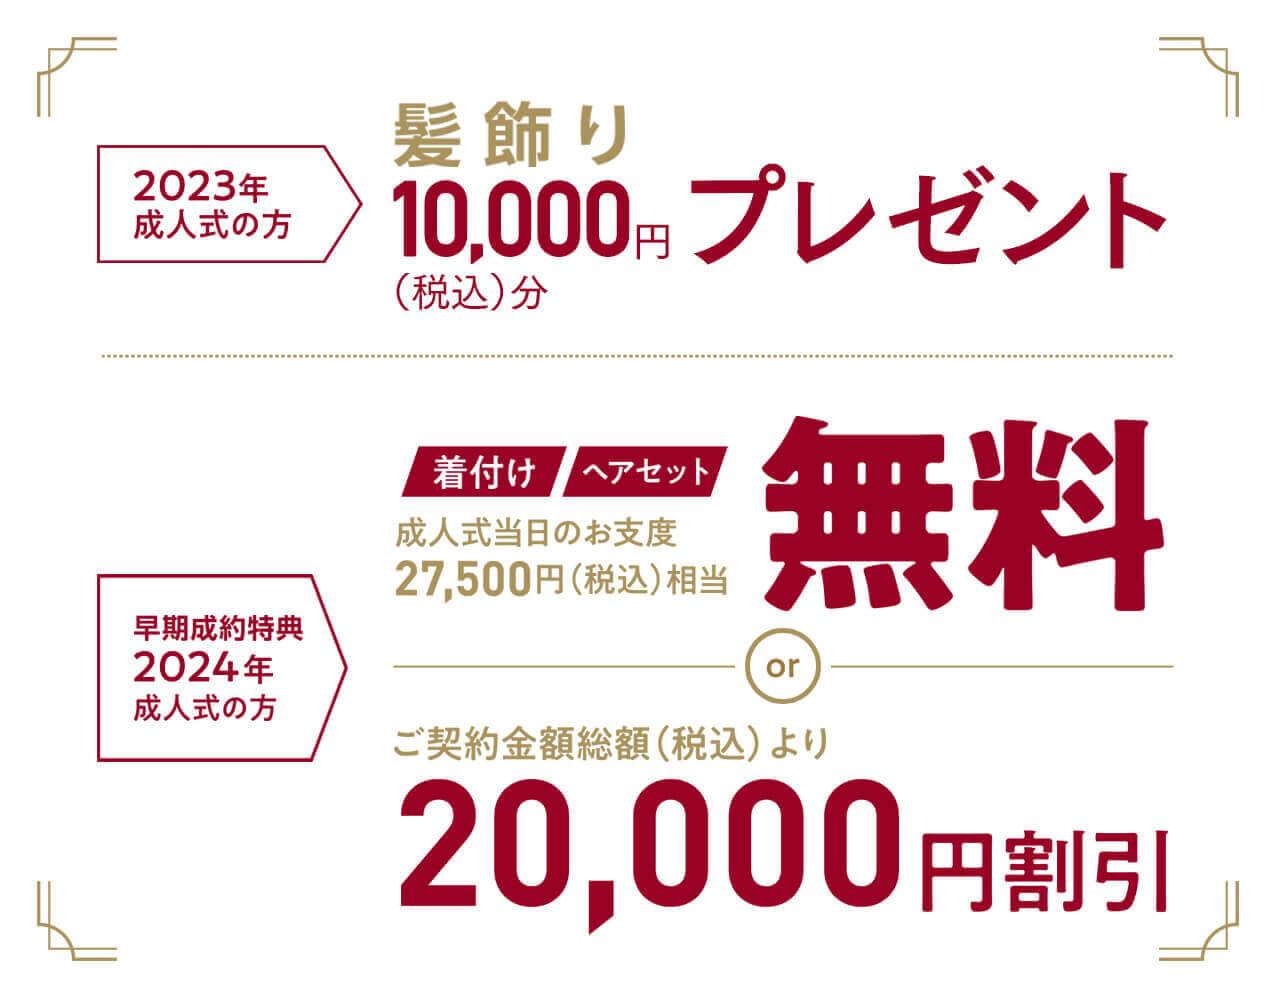 振袖EXPO 2021-2023年成人式の方&早期成約特典 2024年成人式の方向けキャンペーン